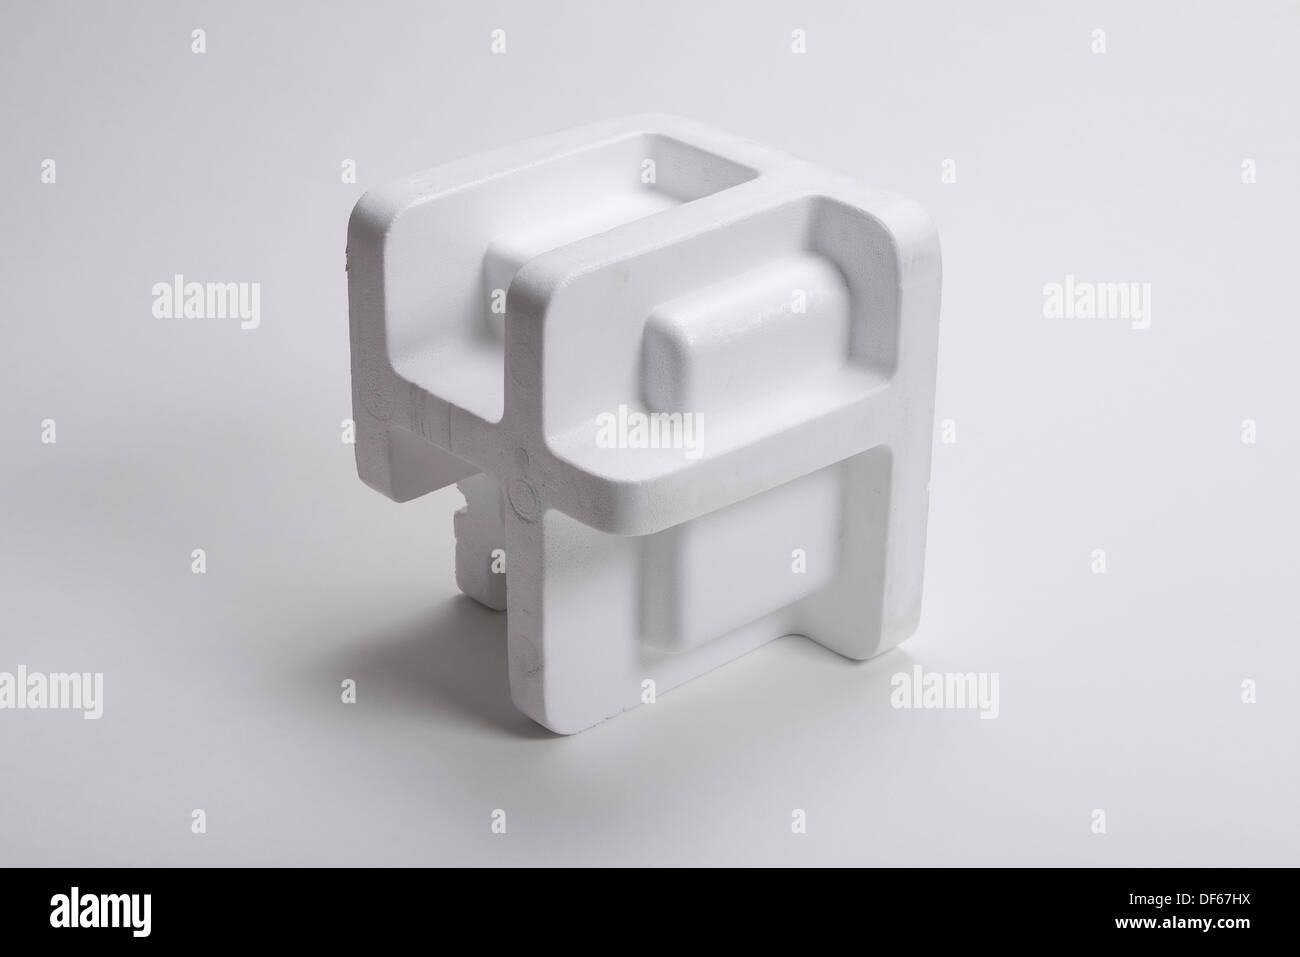 Pieza de poliestireno blanco formado como un trozo de material de embalaje. Imagen De Stock